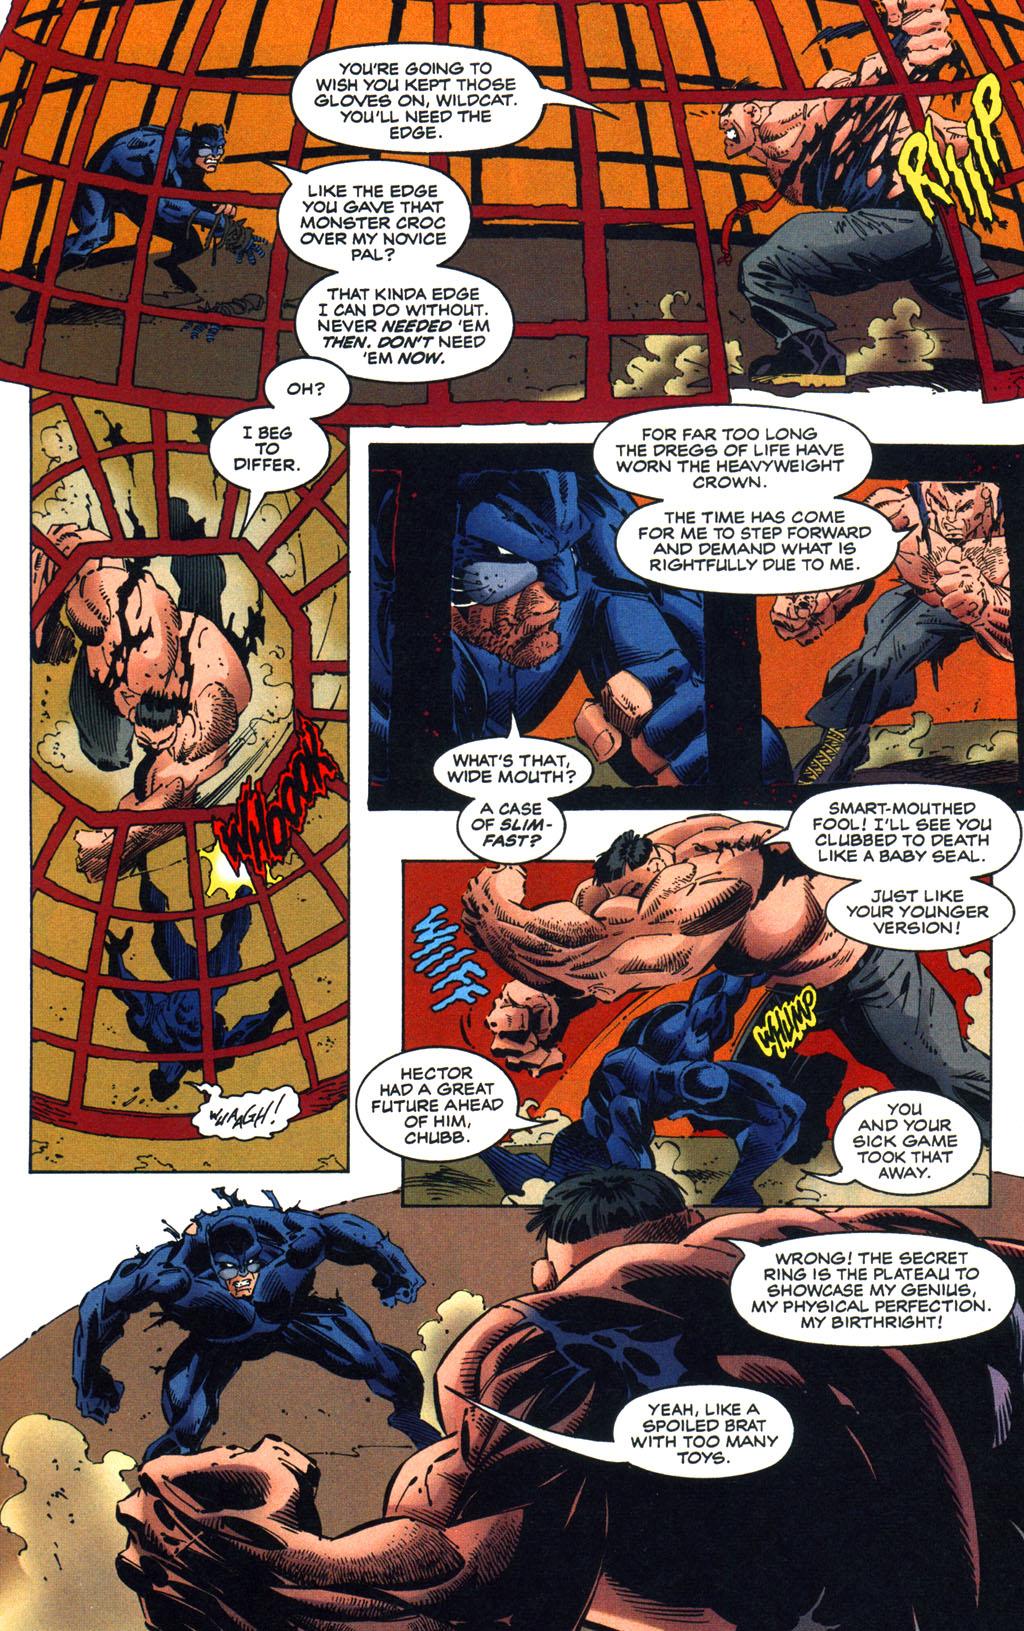 Read online Batman/Wildcat comic -  Issue #3 - 17